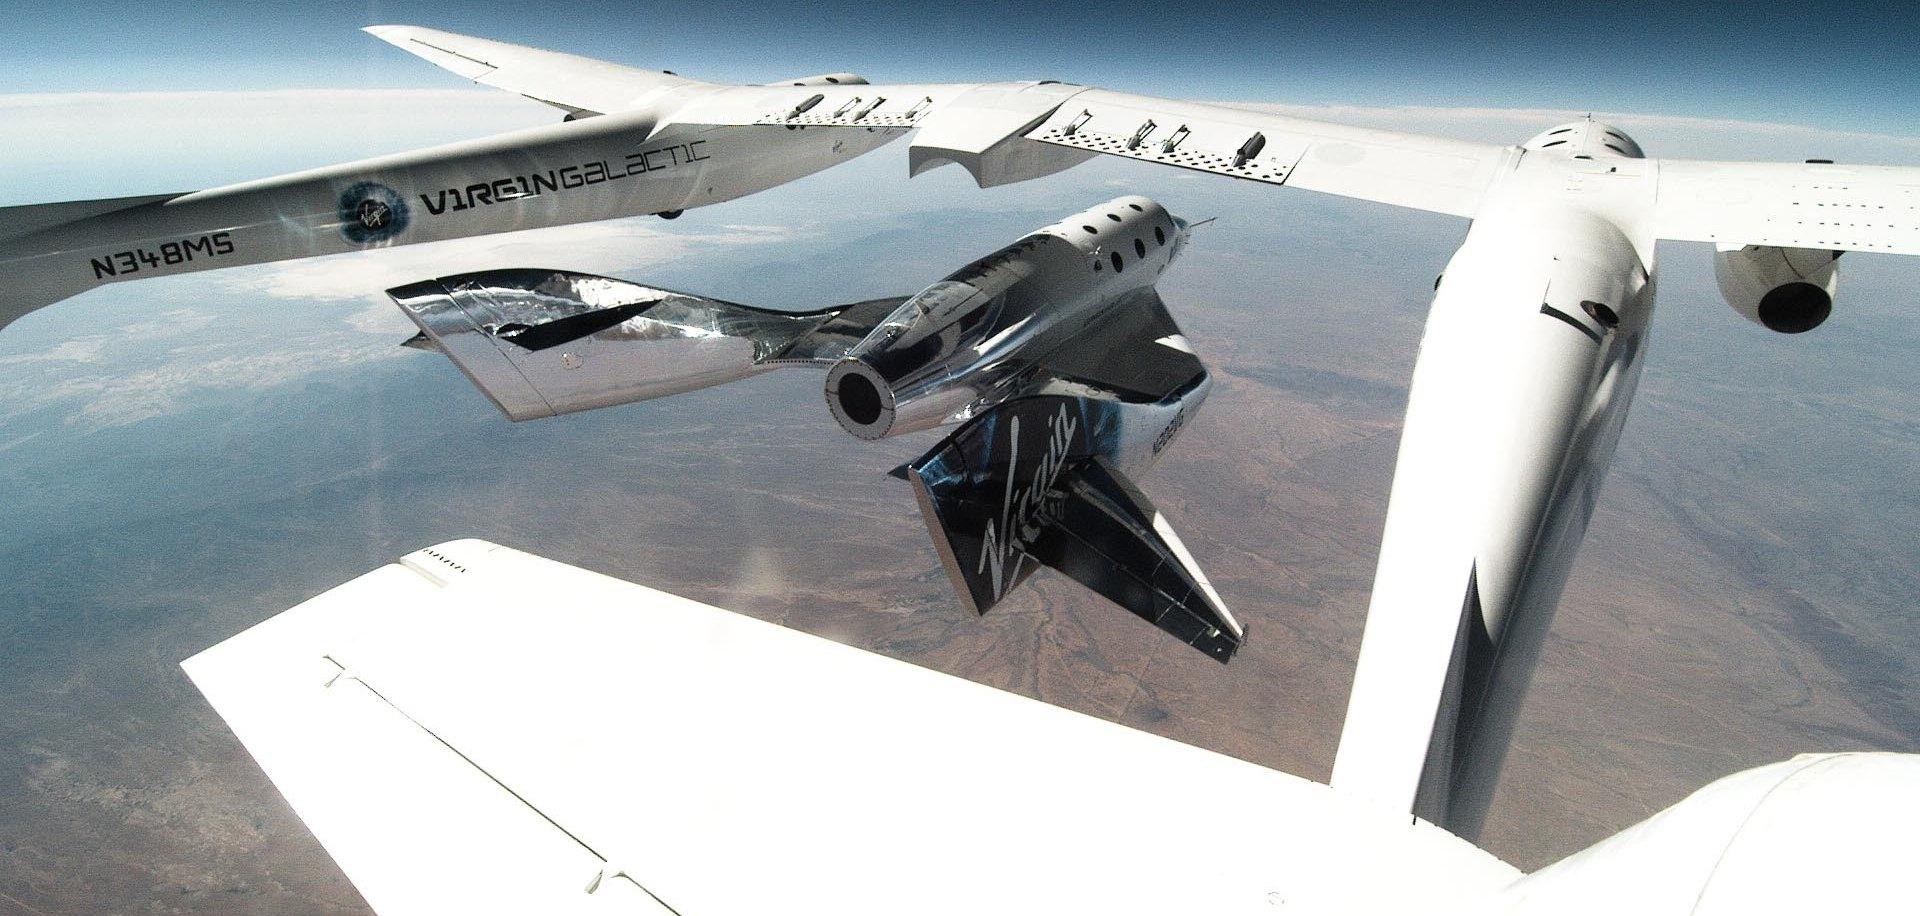 Скидання ракетоплана з-під літака-разгощіка (натисніть на фото, щоб збільшити його)